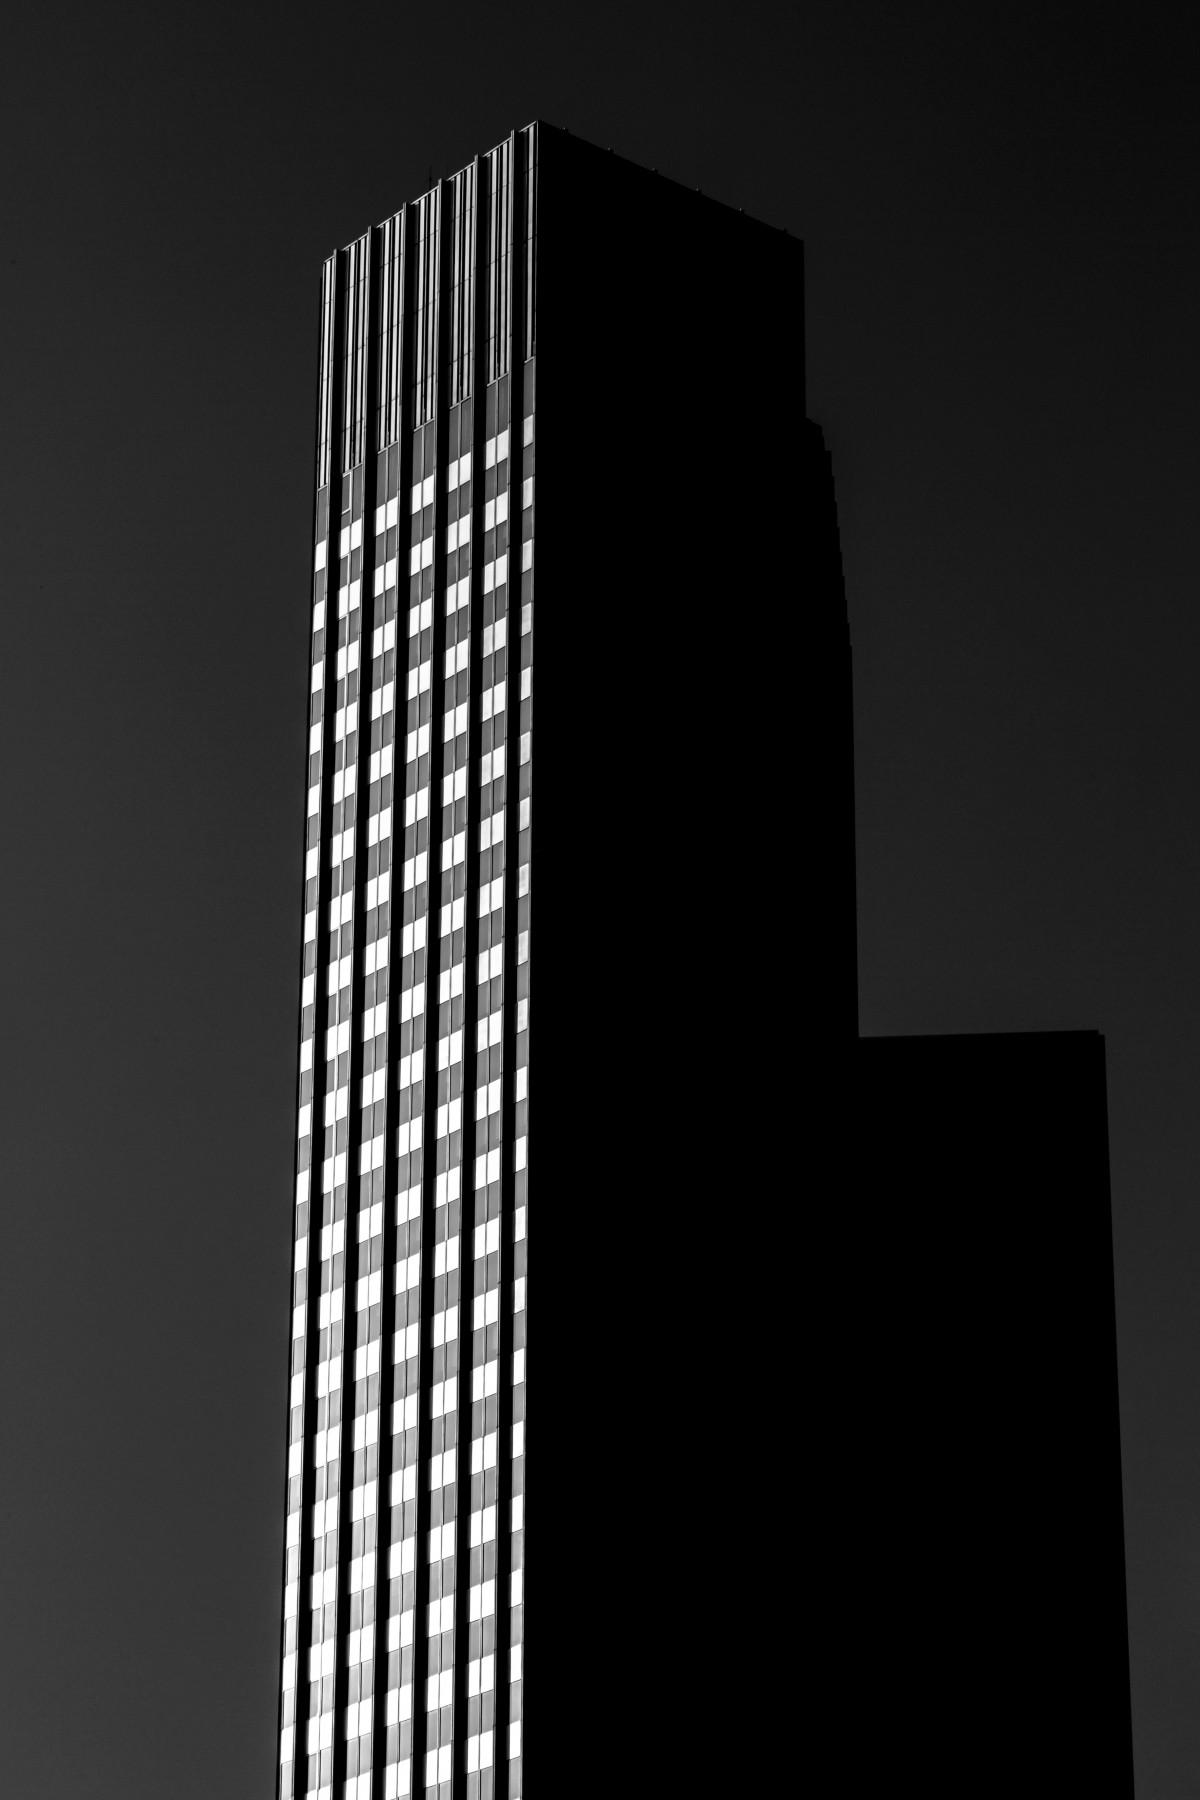 Images gratuites architecture nuit fen tre ville for Fenetre noir et blanc